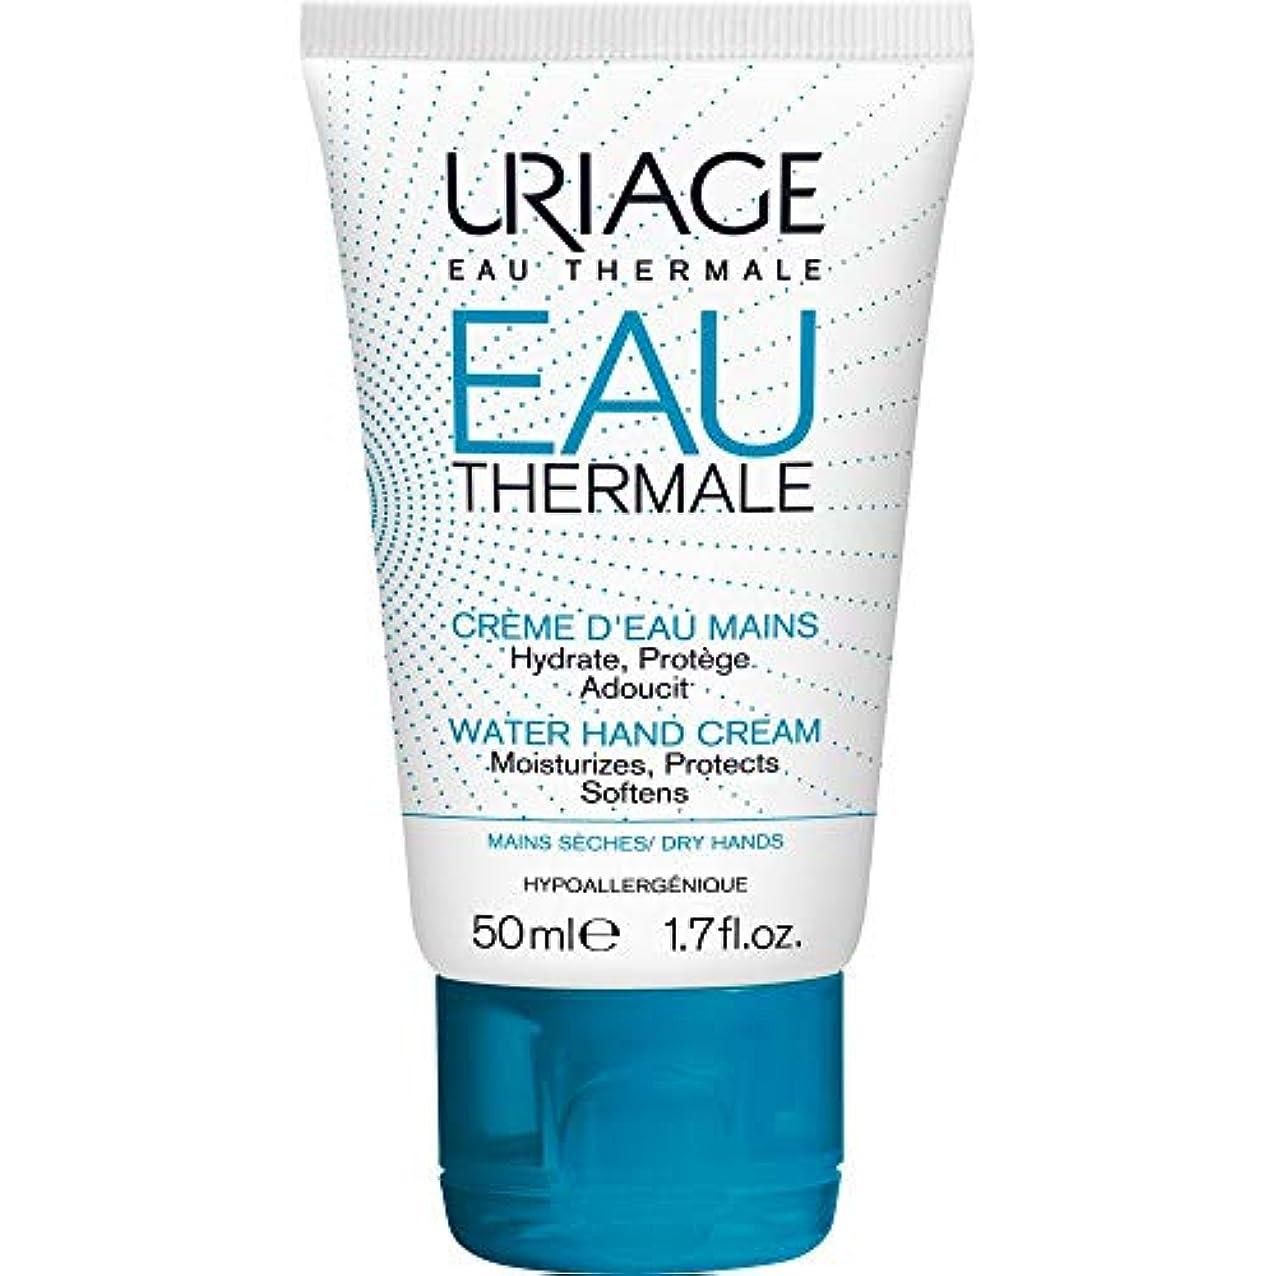 再生的ペット変成器[Uriage] UriageオーThermale水ハンドクリーム50Ml - Uriage Eau Thermale Water Hand Cream 50ml [並行輸入品]